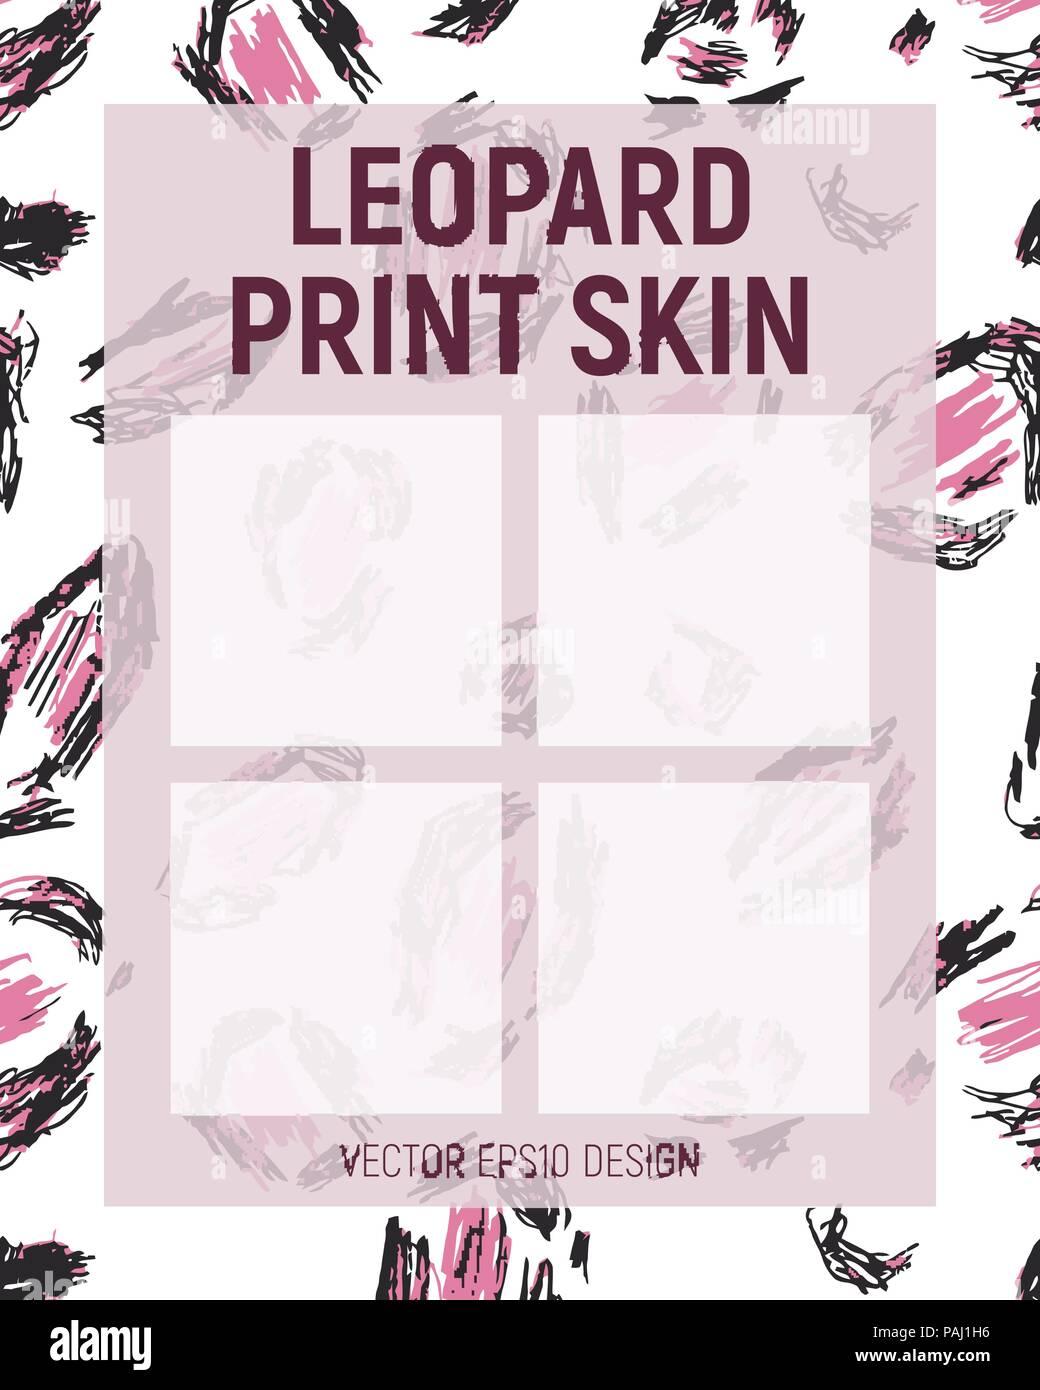 Pink leopard print skin. Leaflet template. Vector illustration. - Stock Vector